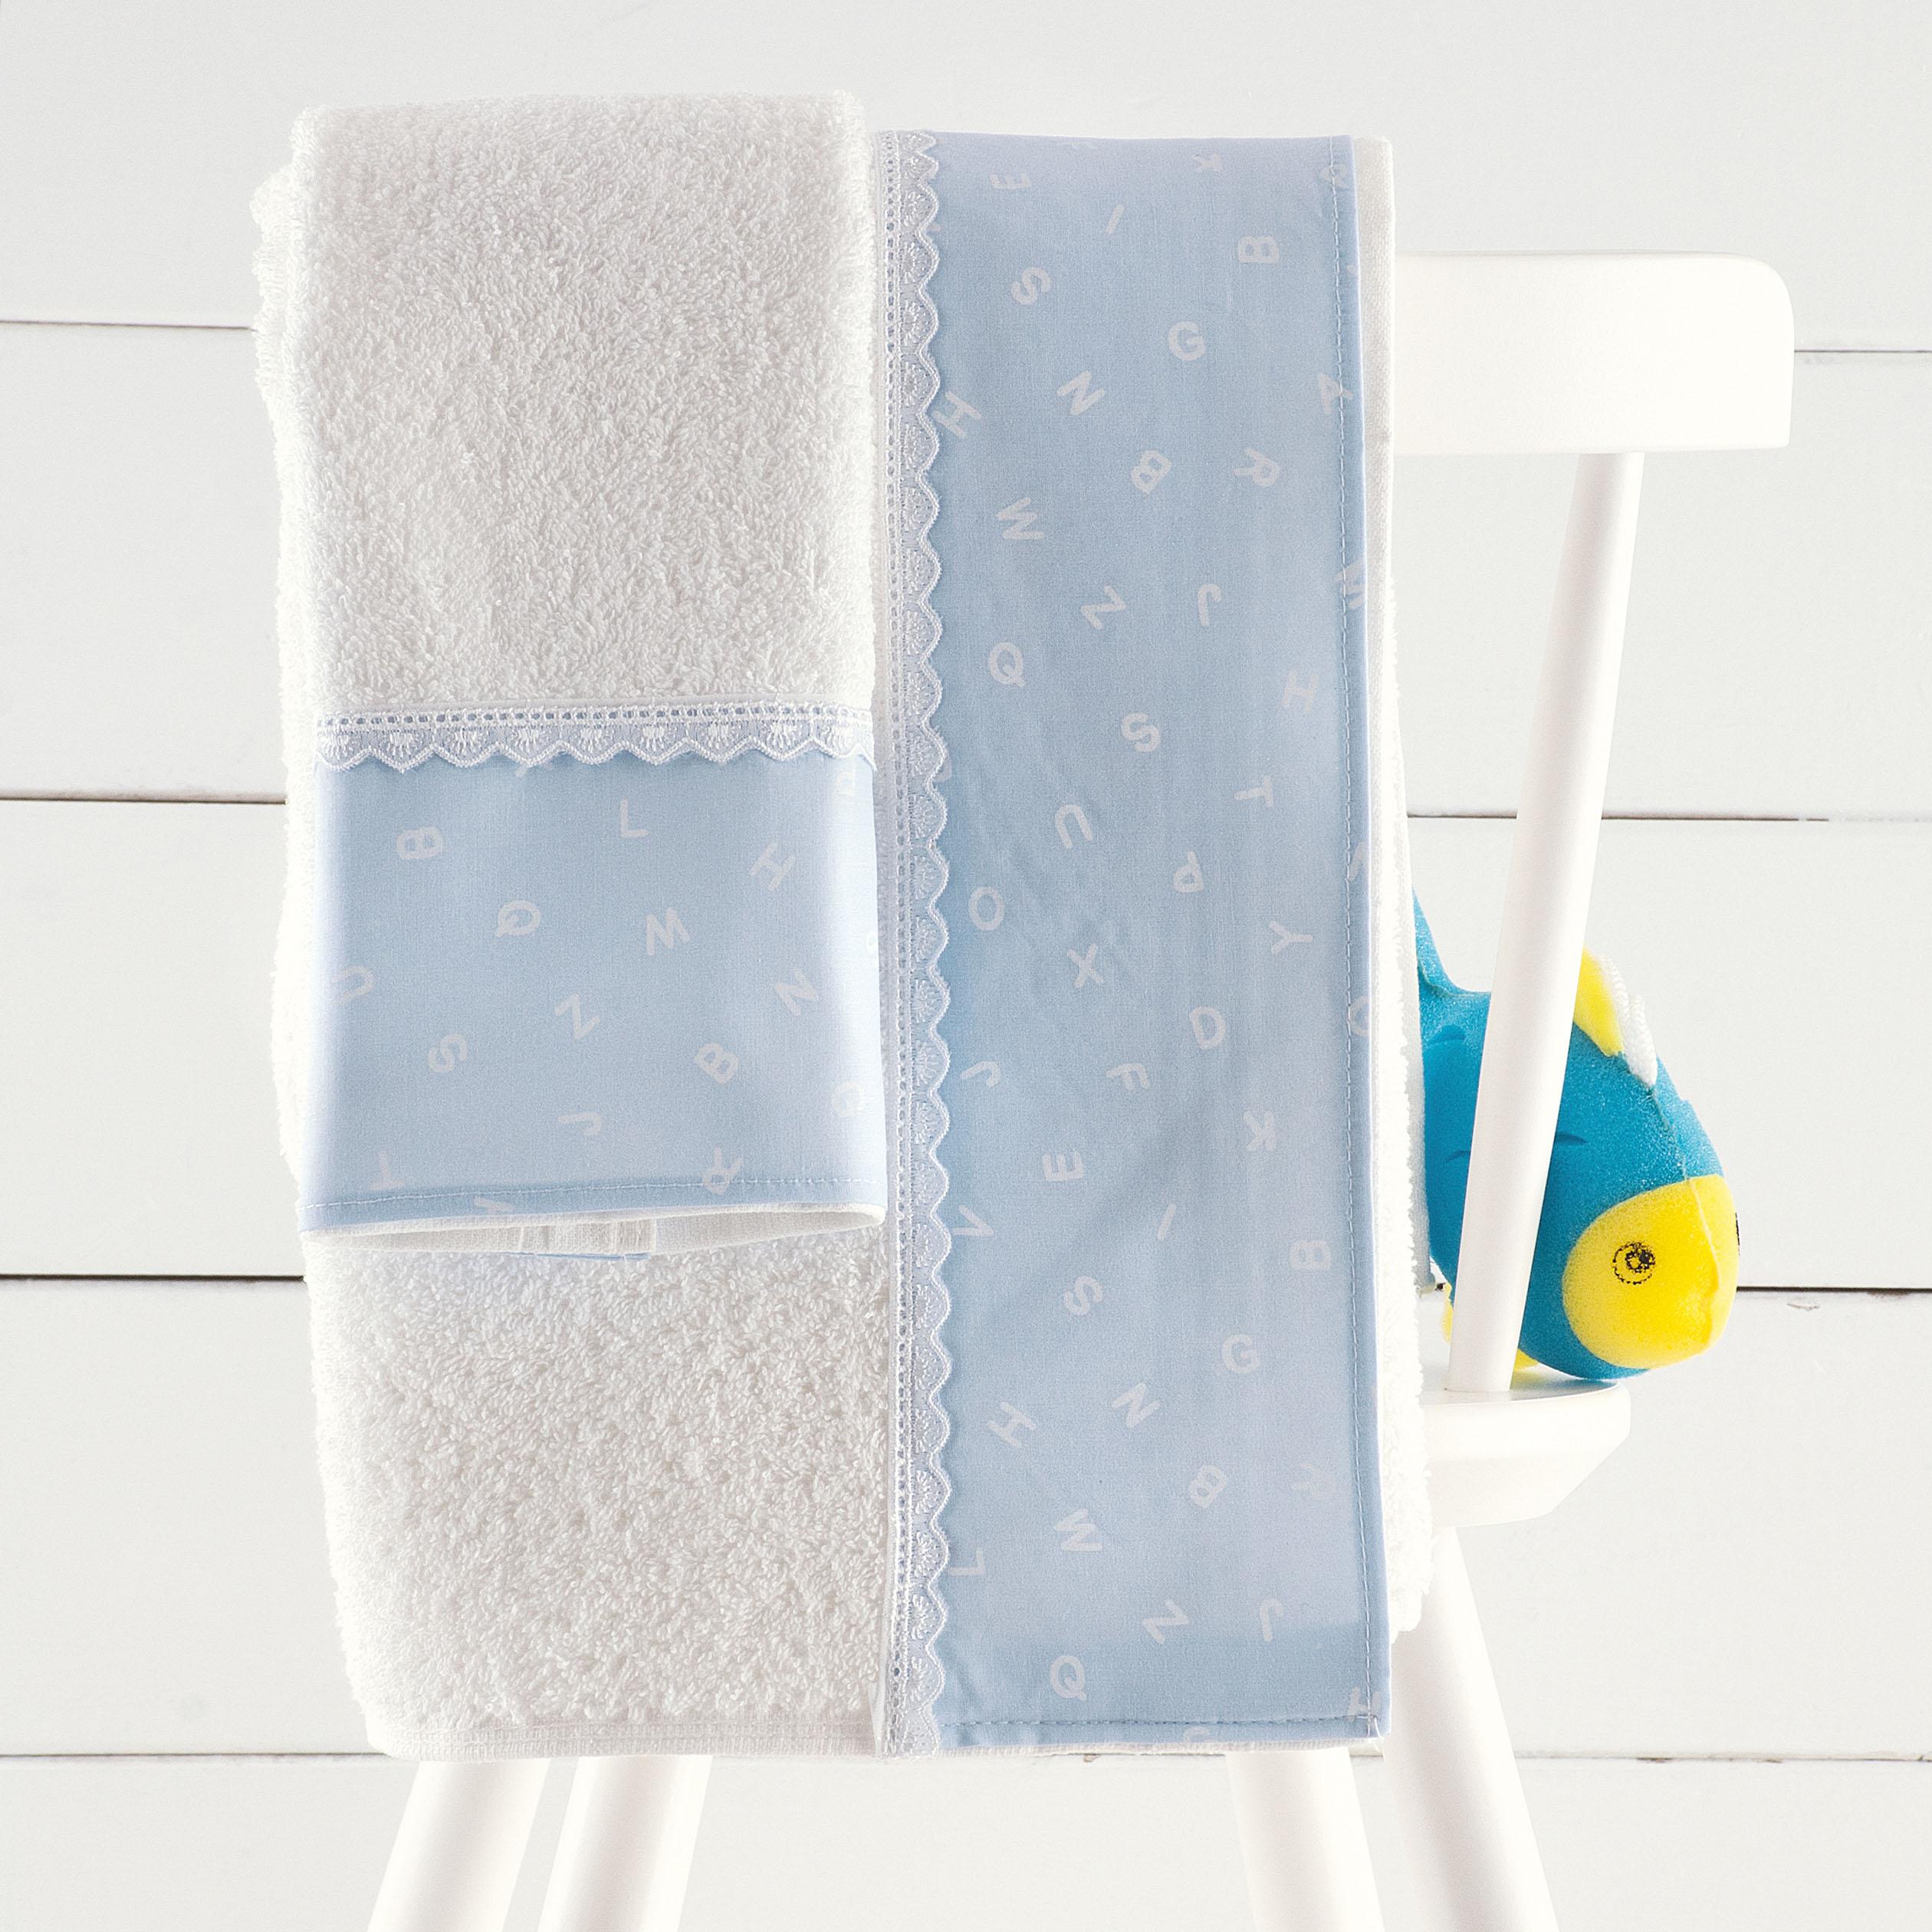 Σετ παιδικές πετσέτες 2 τεμ. LETTERS CIEL, RYTHMOS HOME παιδικα   πετσέτες παιδικές